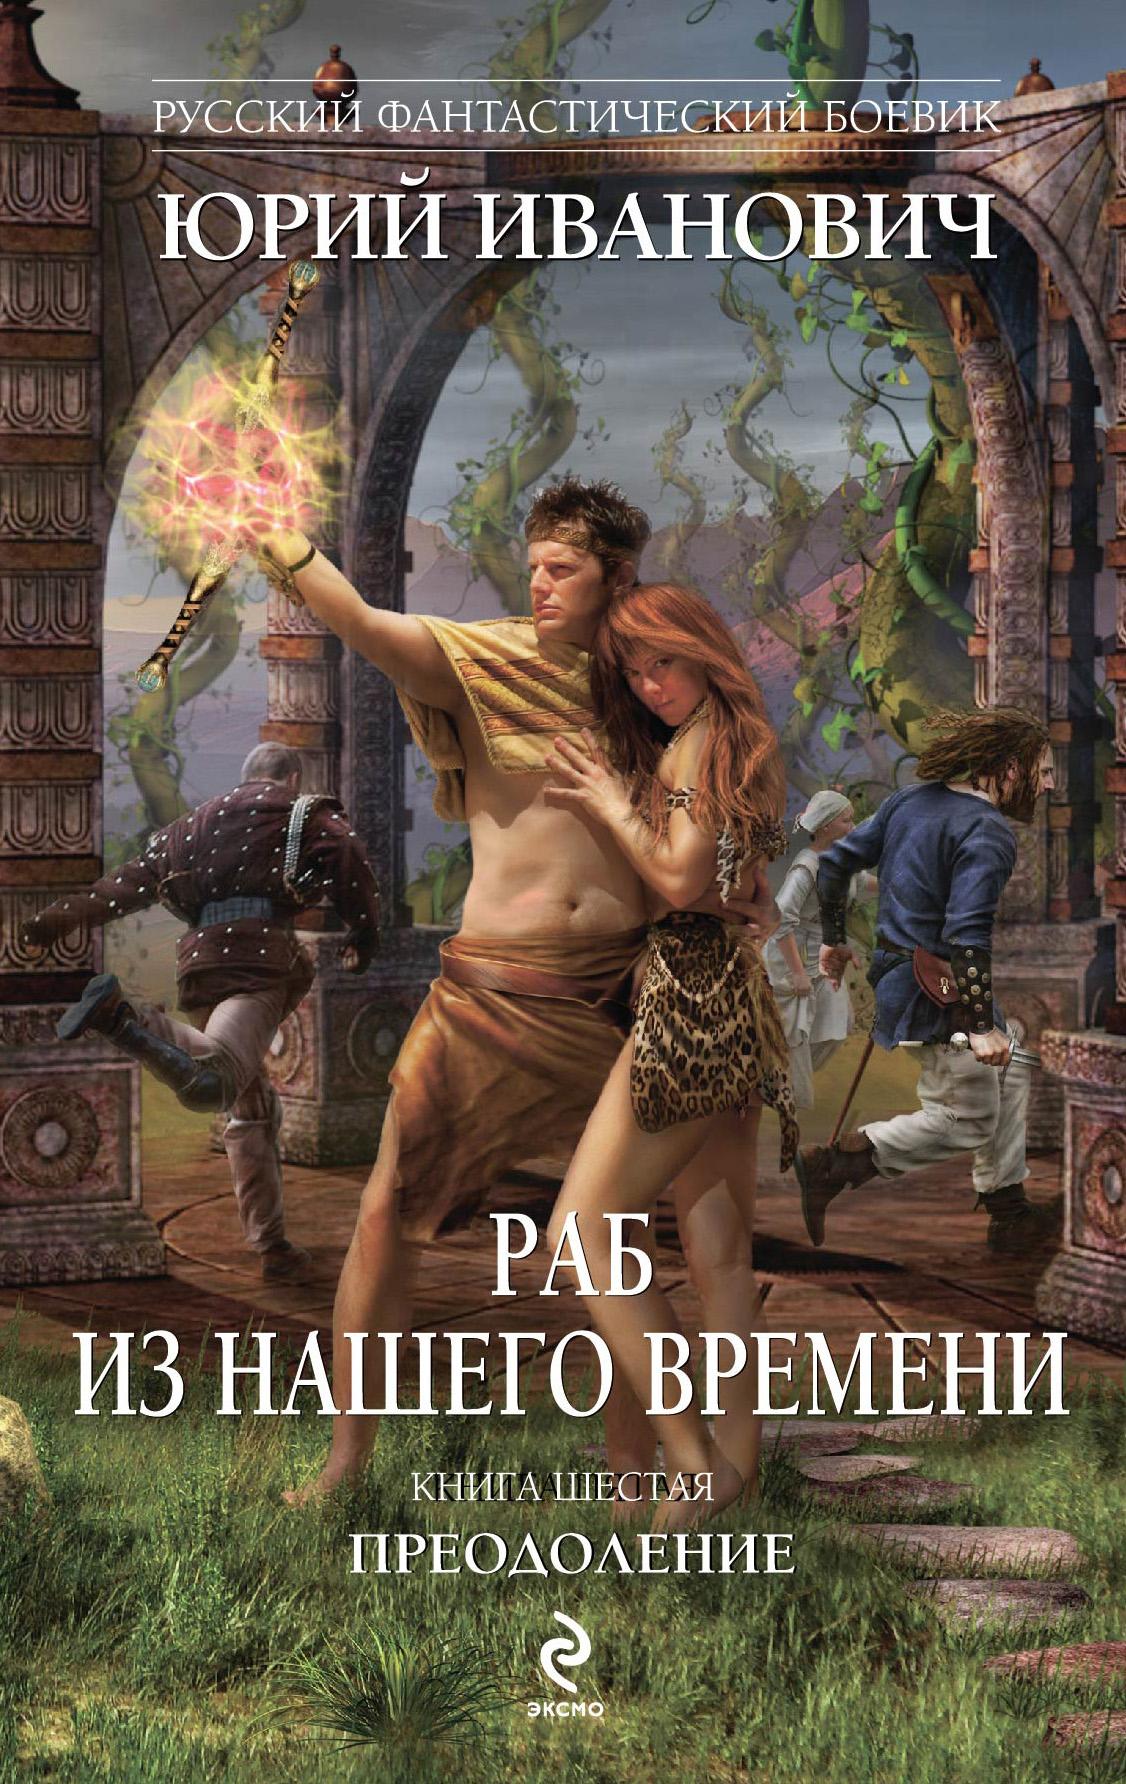 Юрий Иванович Преодоление